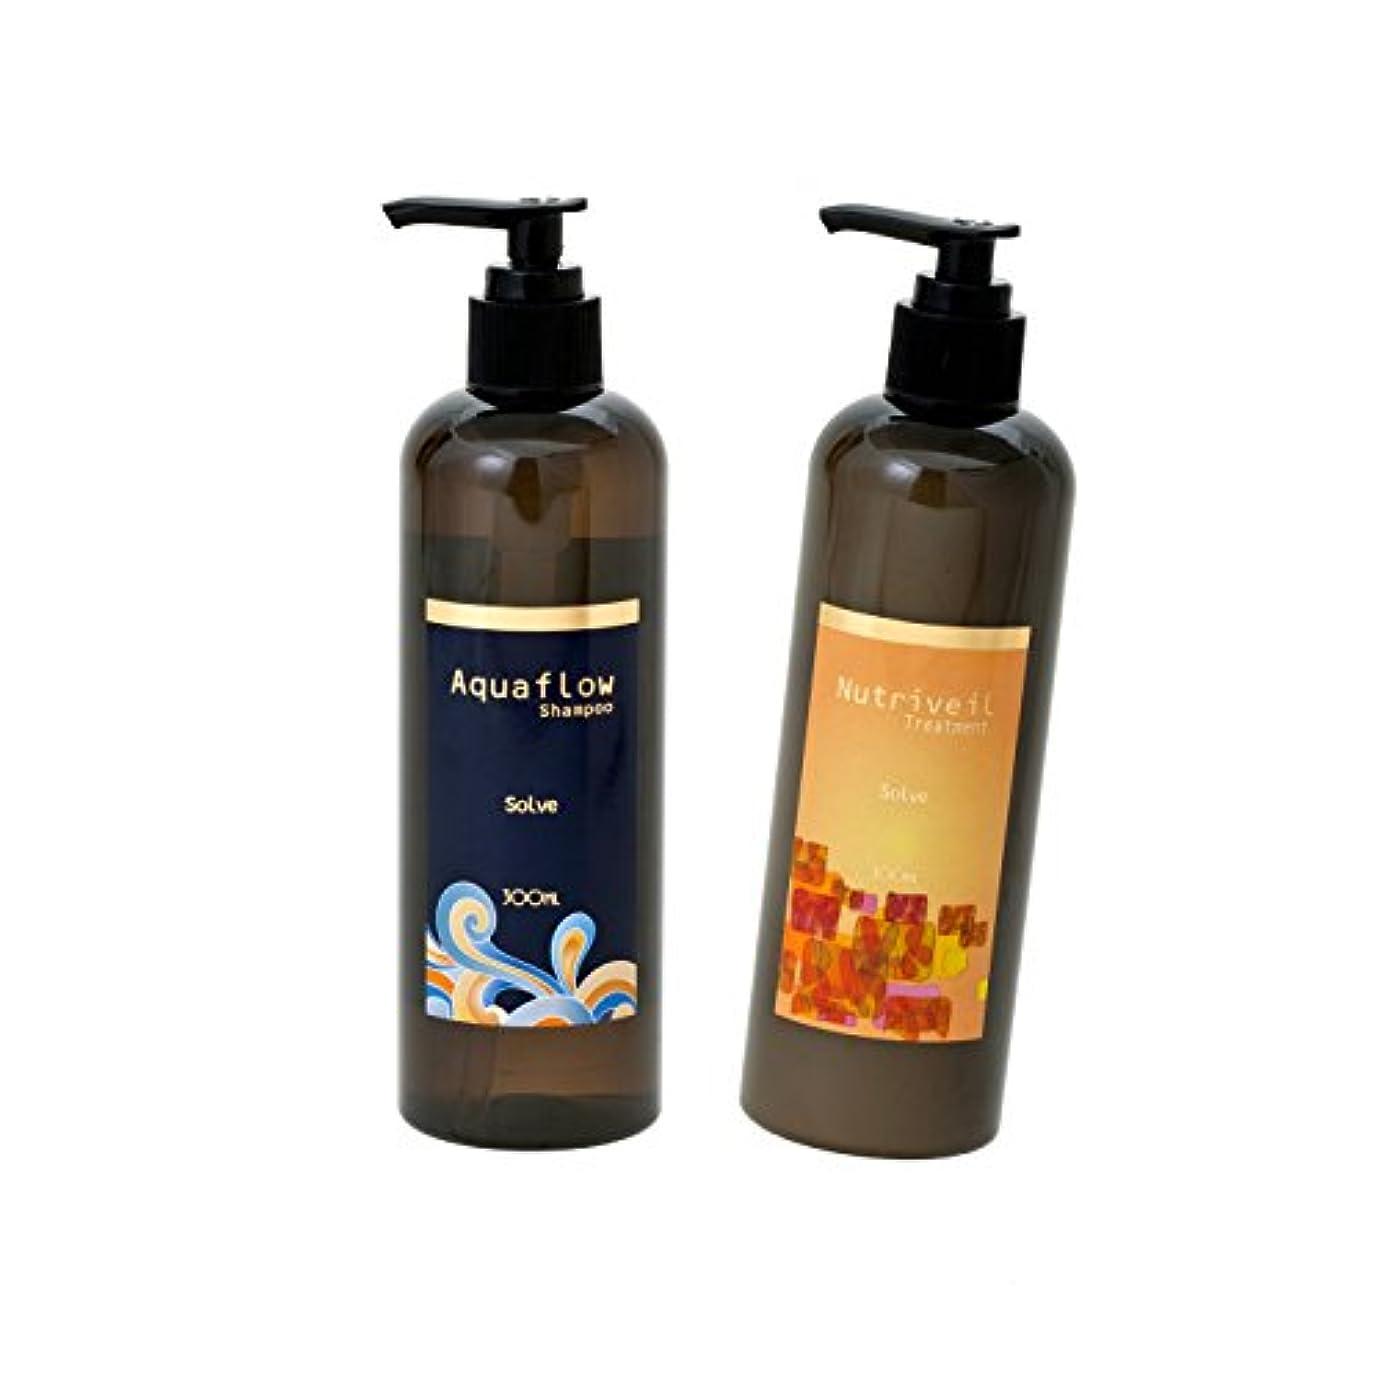 食用立ち向かう用語集縮毛矯正した髪を栄養そのもので洗うsolve|ソルブシャンプー「Aquaflow_アクアフロー」ソルブトリートメント「Nutriveil_ニュートリヴェール」セット|カラーの繰り返しで大きくダメージした髪のケアにも。 (...